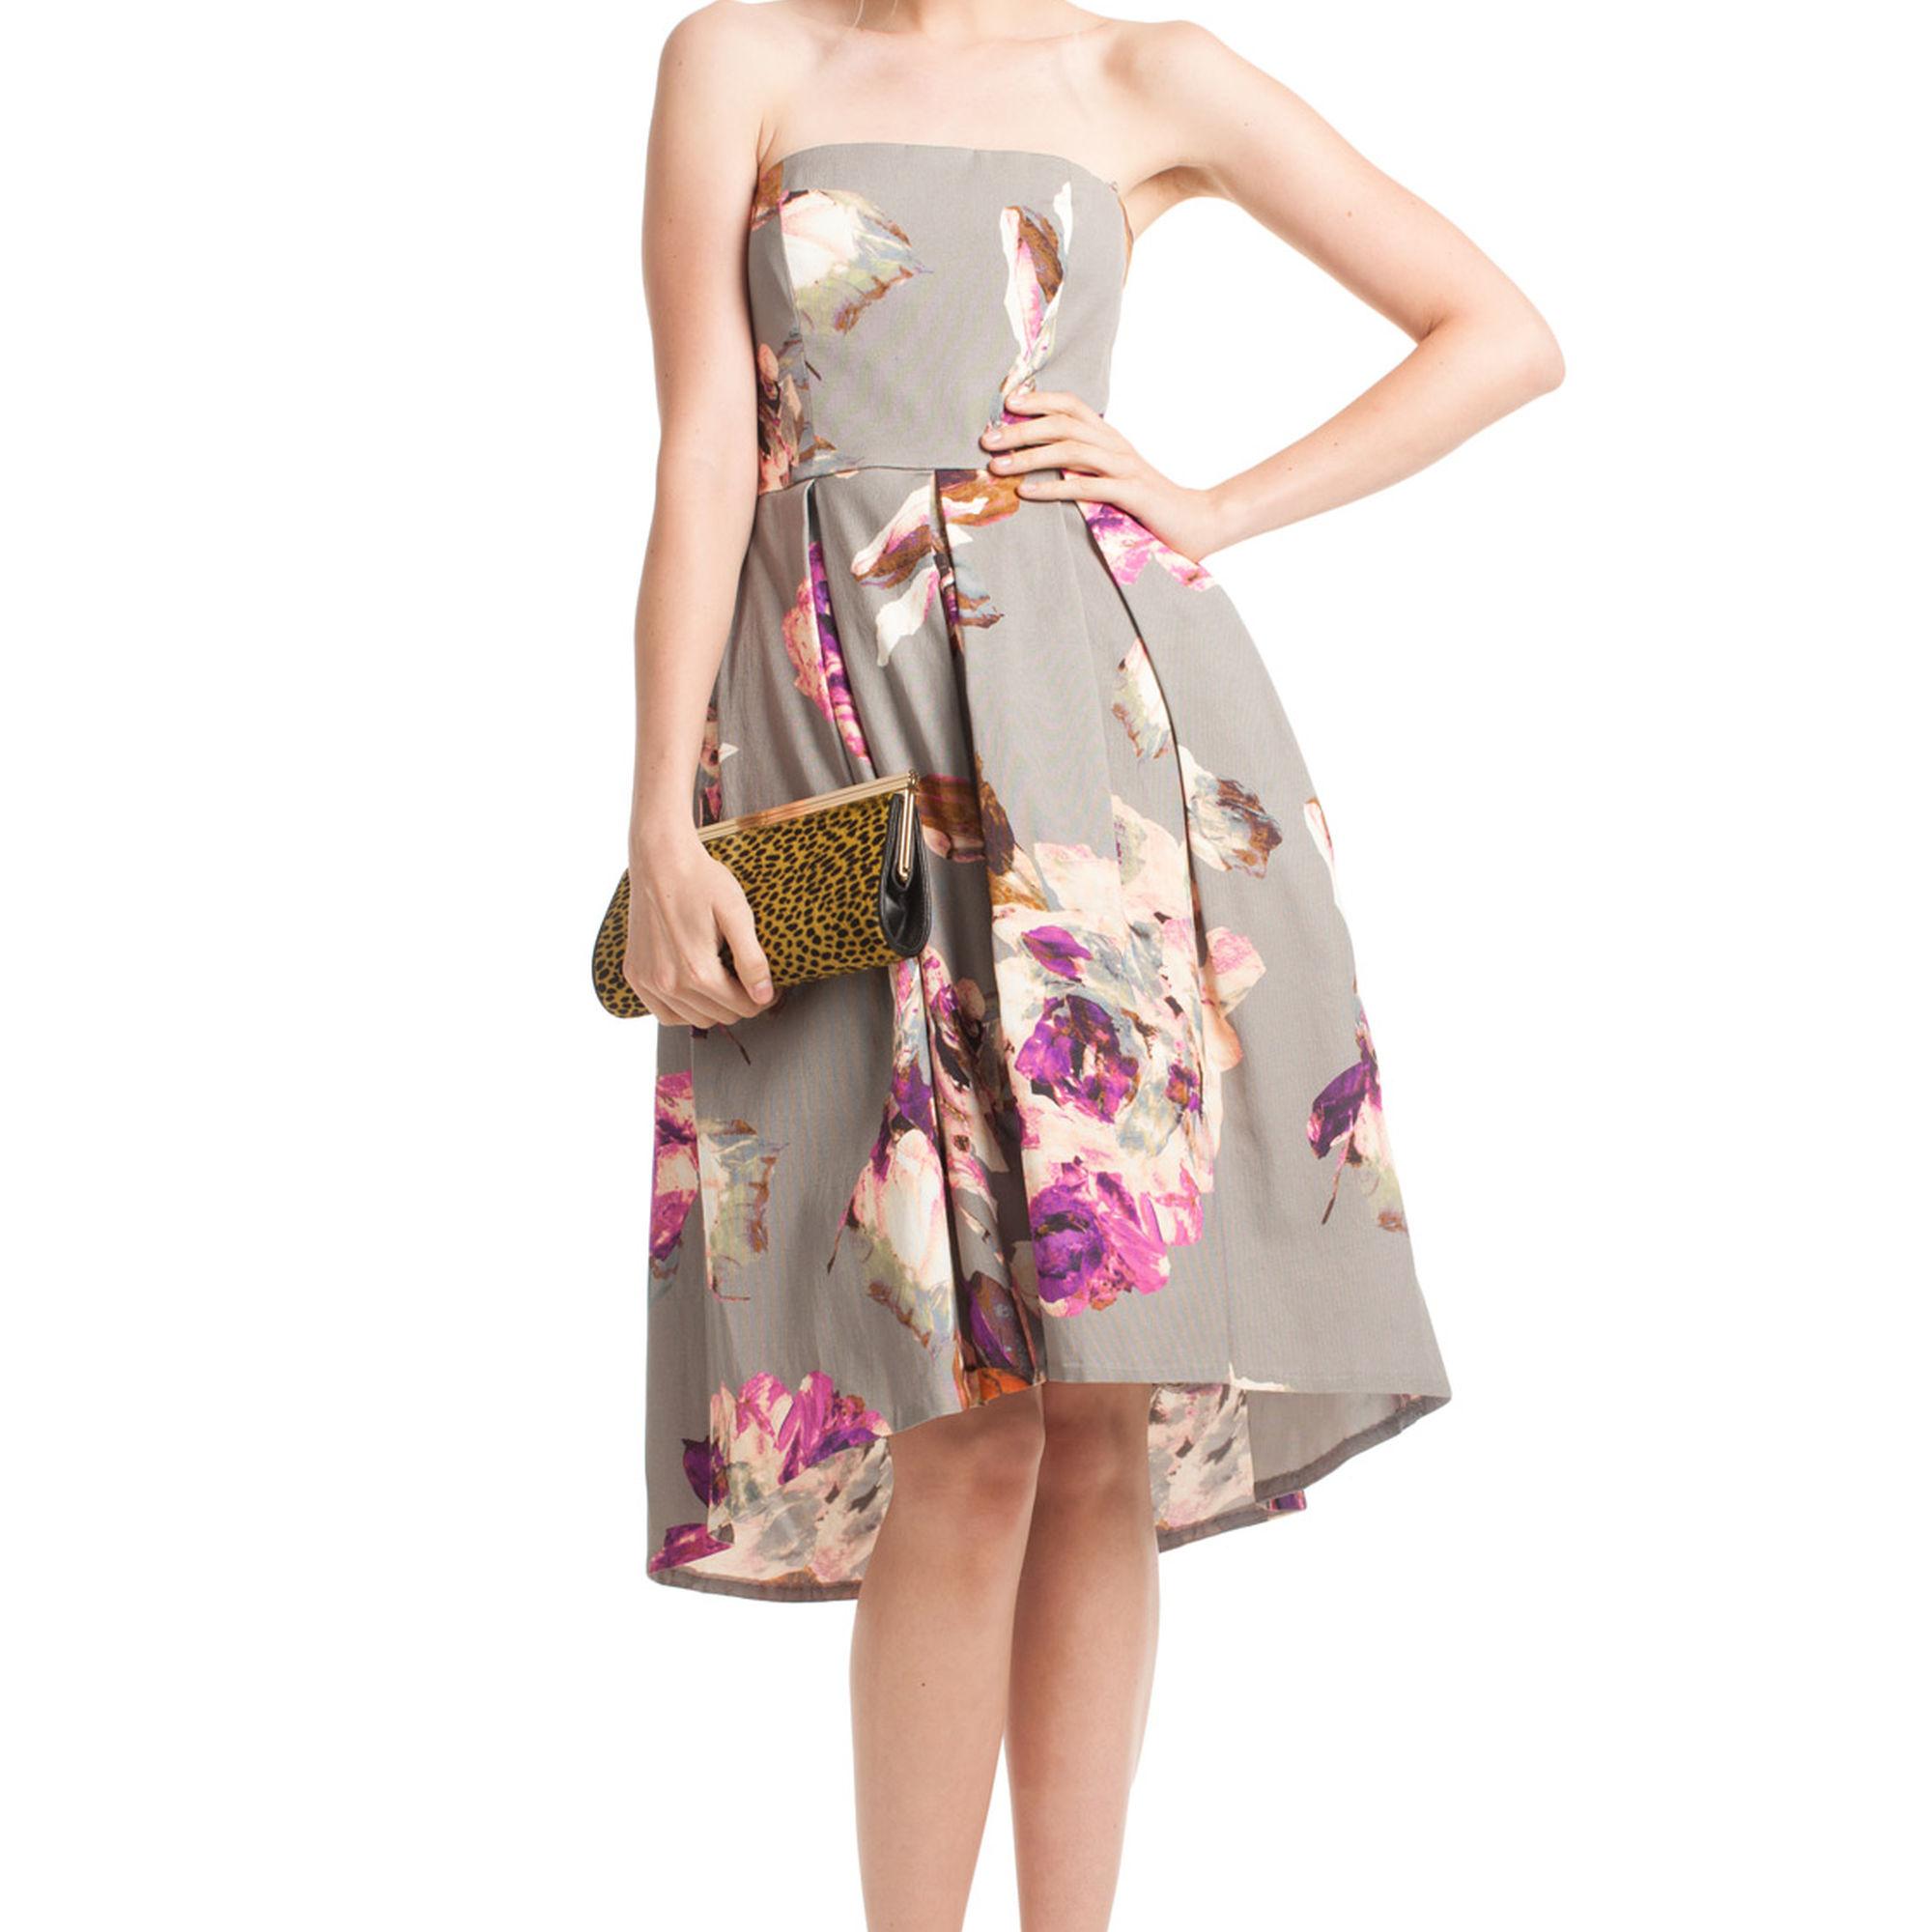 HAYLEY DRESS - TrinaTurk